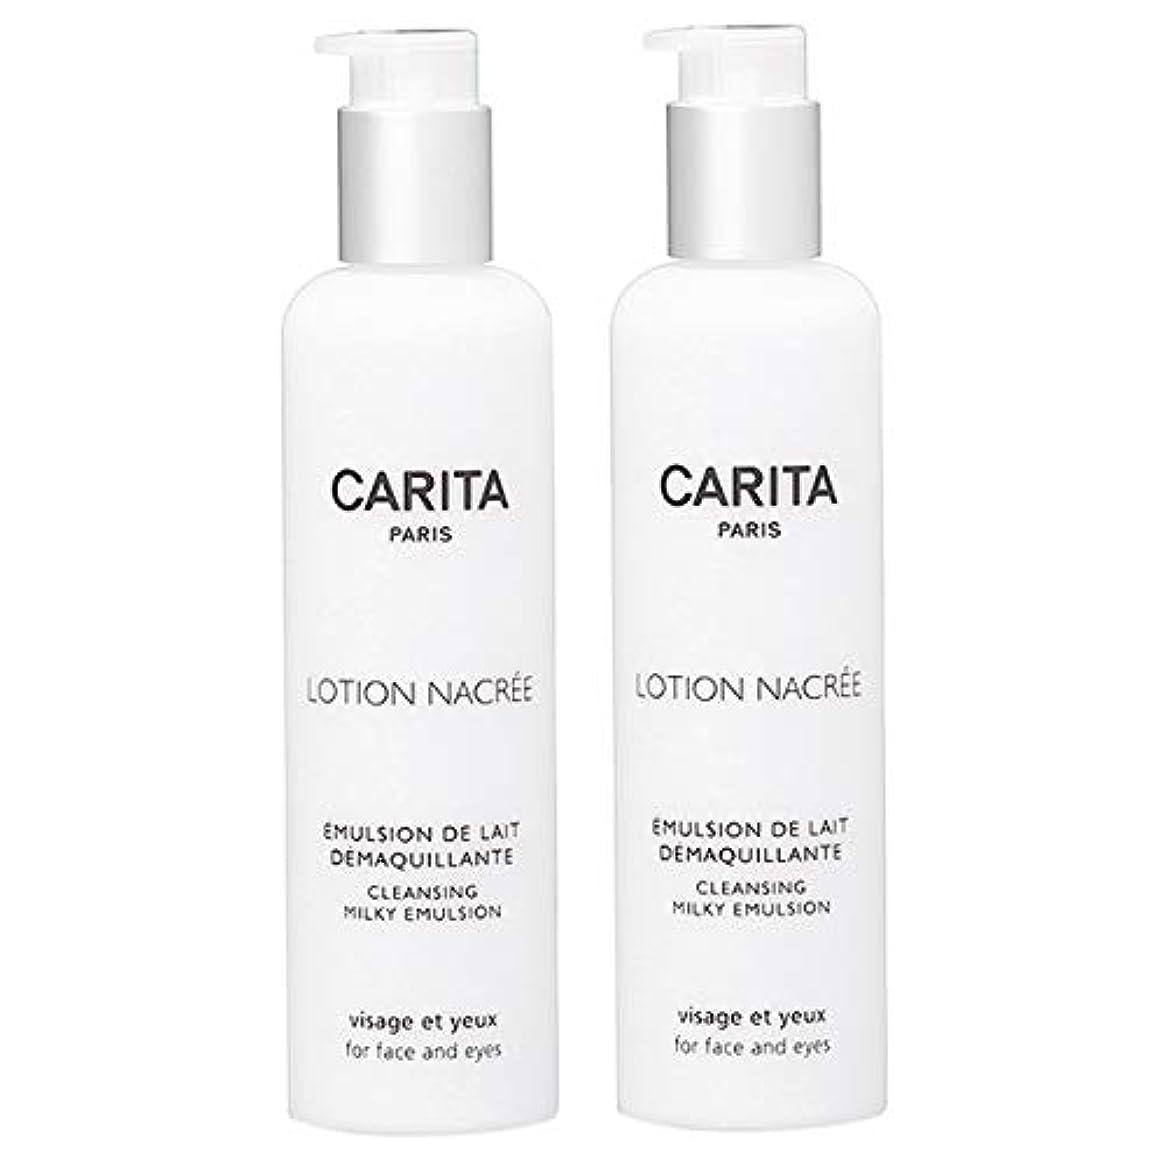 決定する洗う良い【セット】カリタ CARITA ローション ナクレ 200mL 2個セット [並行輸入品]